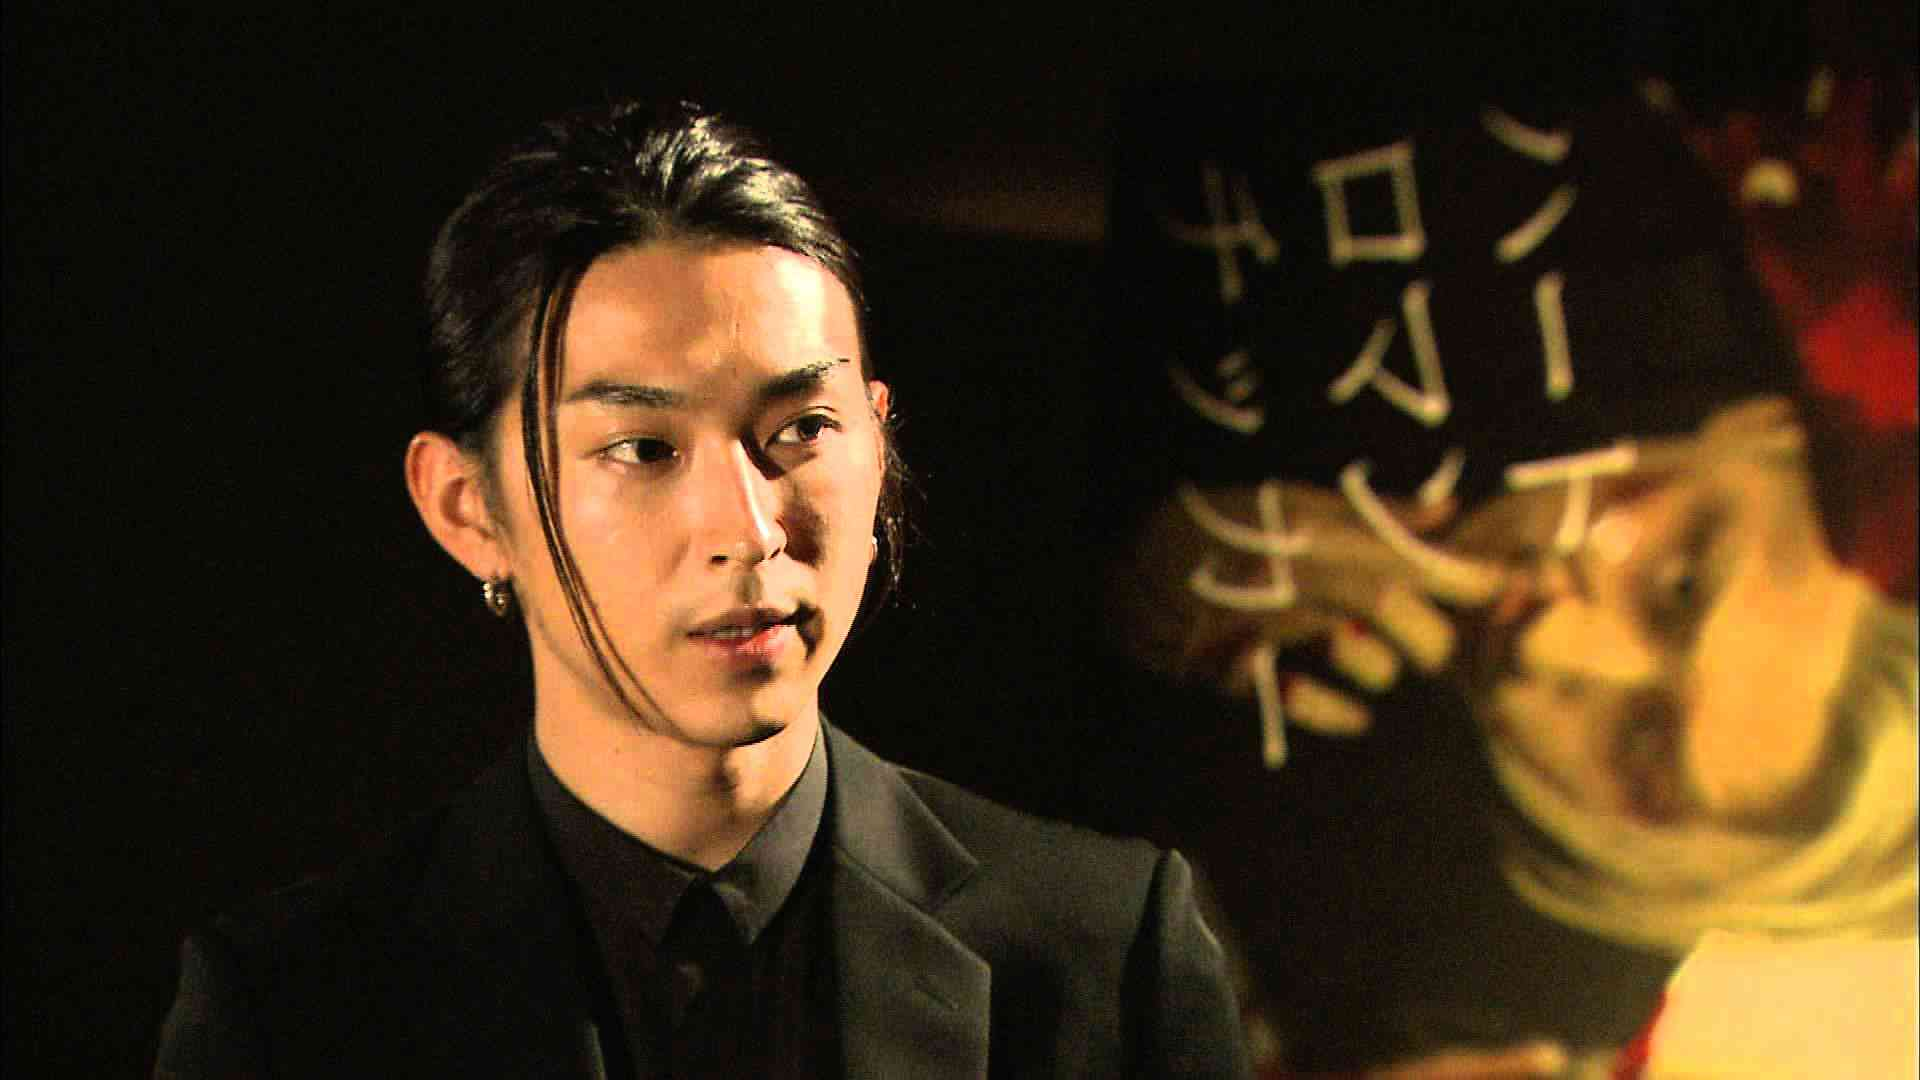 ハードロマンチッカー公式サイト独占!松田翔太インタビュー - YouTube